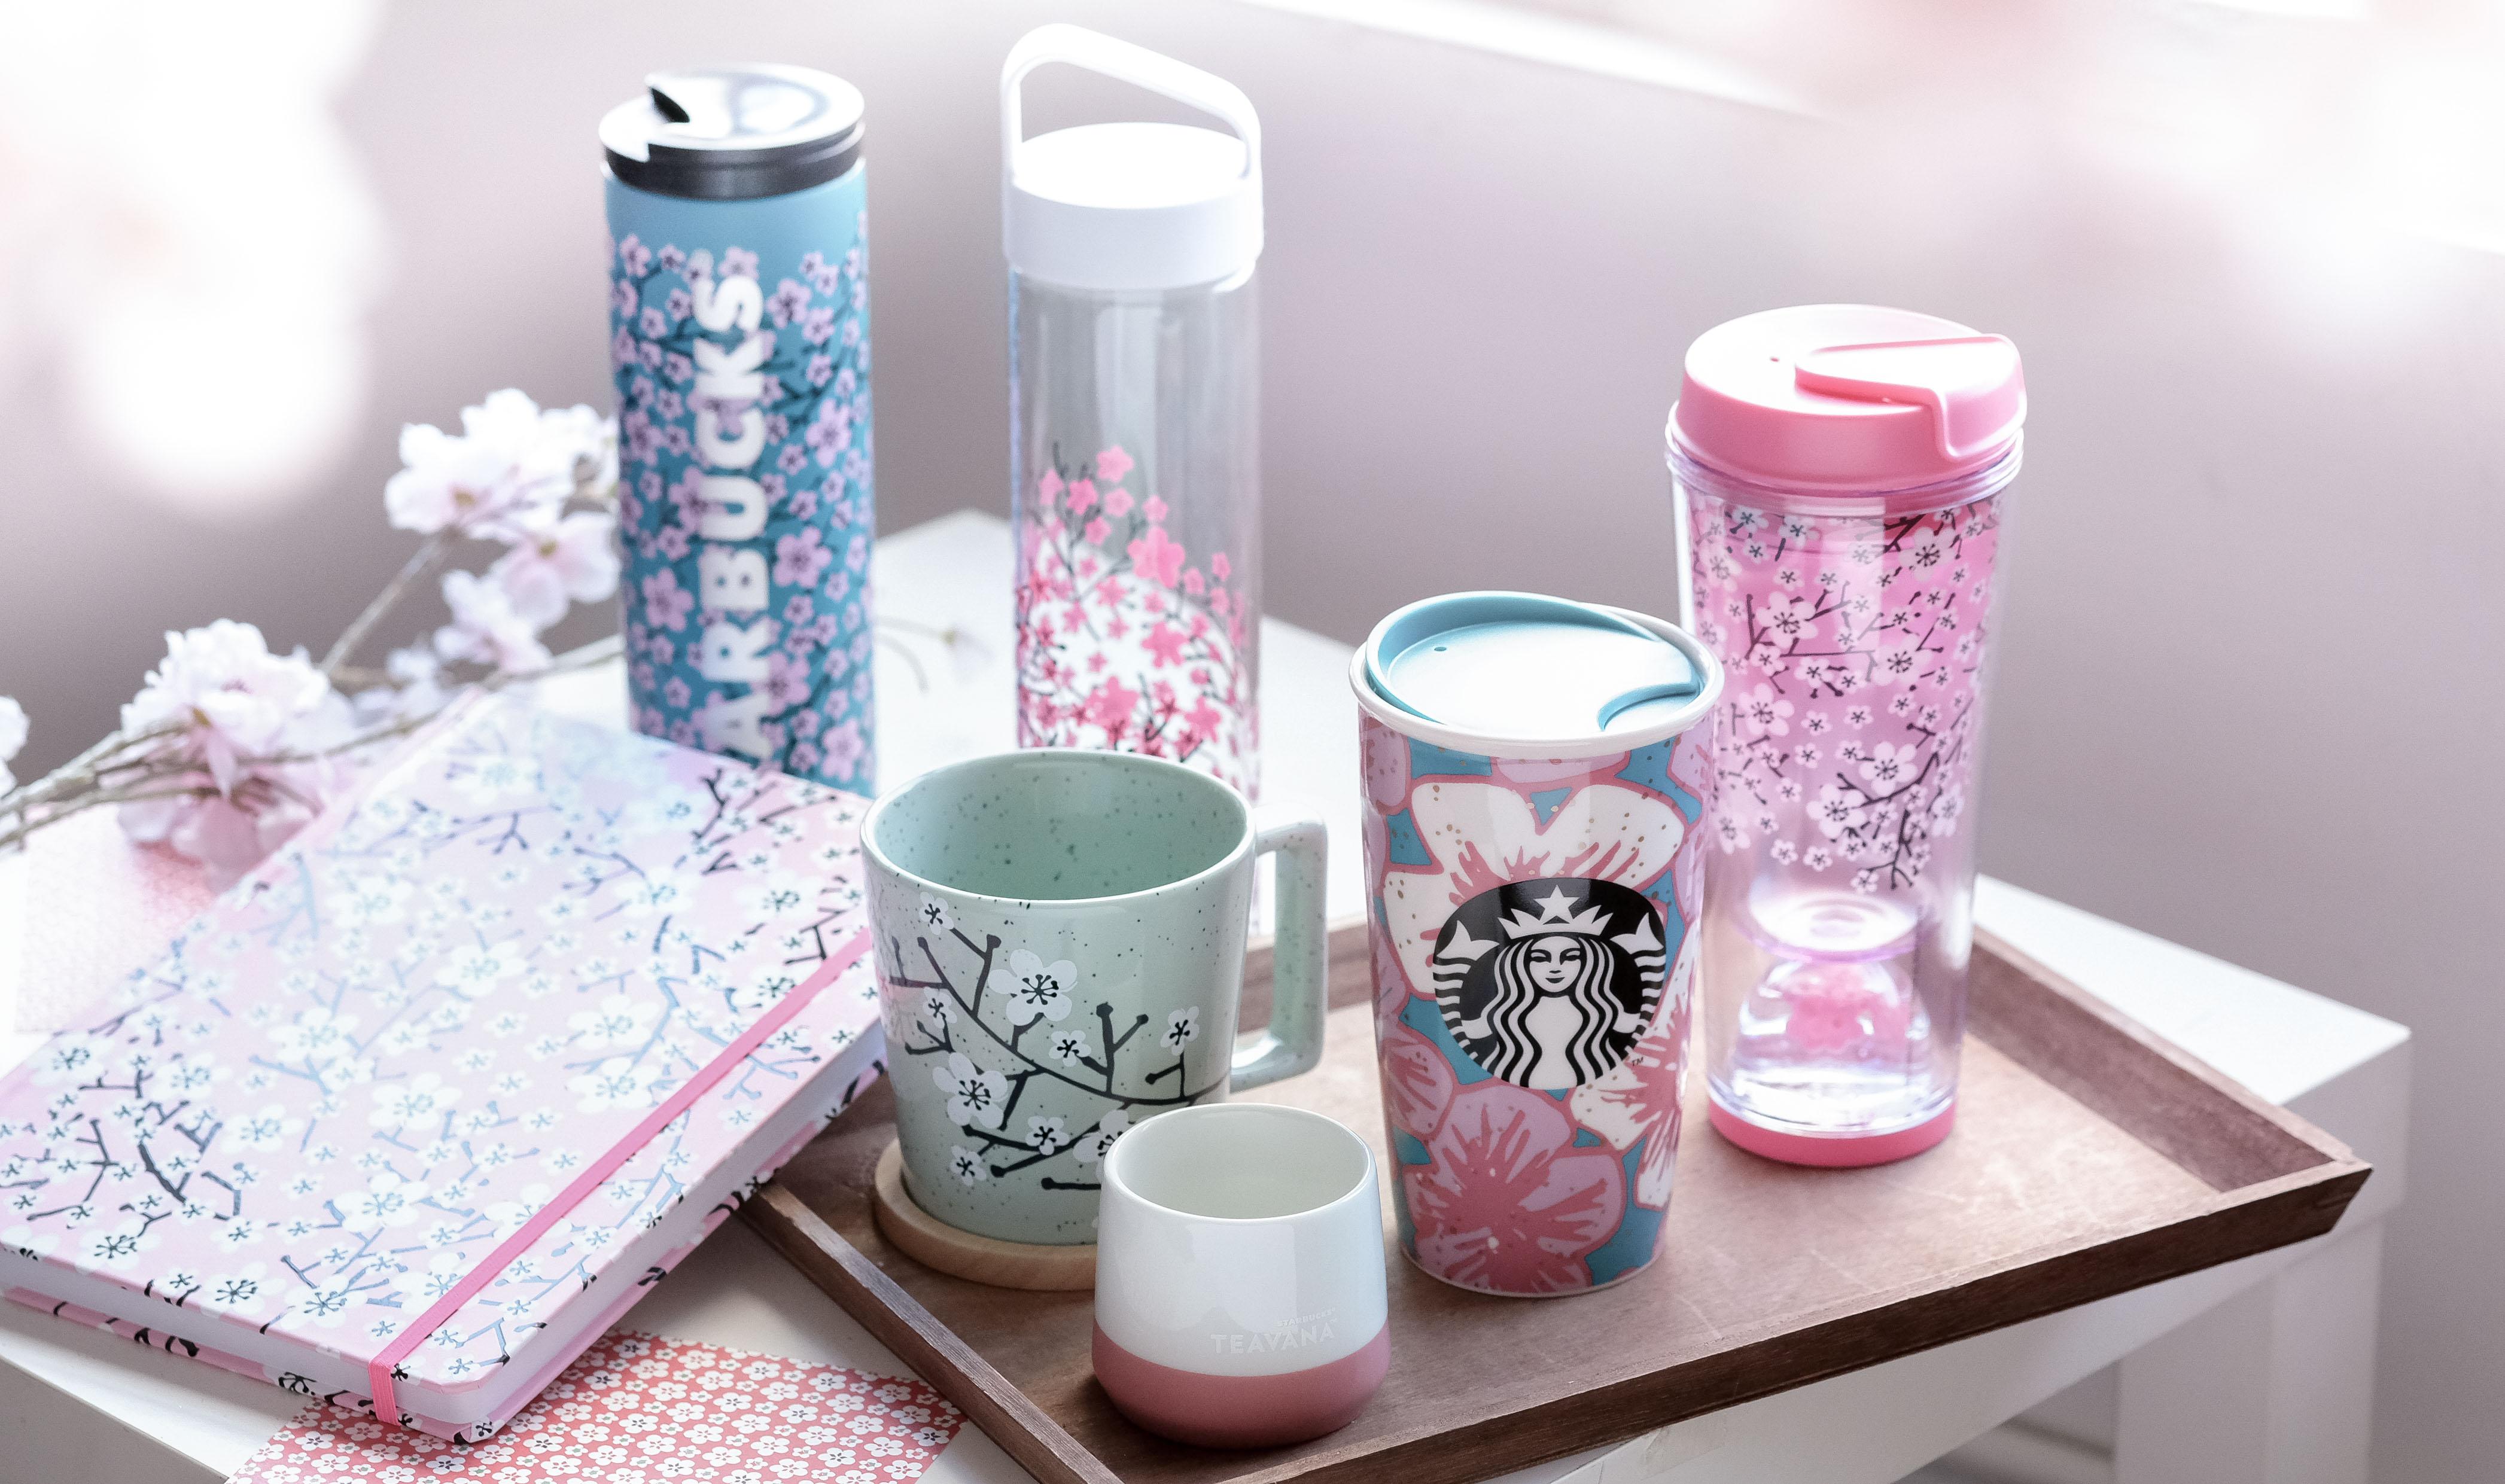 〈好潮〉喝一口春日暖暖幸福 香港Starbucks櫻花杯登場 | Now 新聞